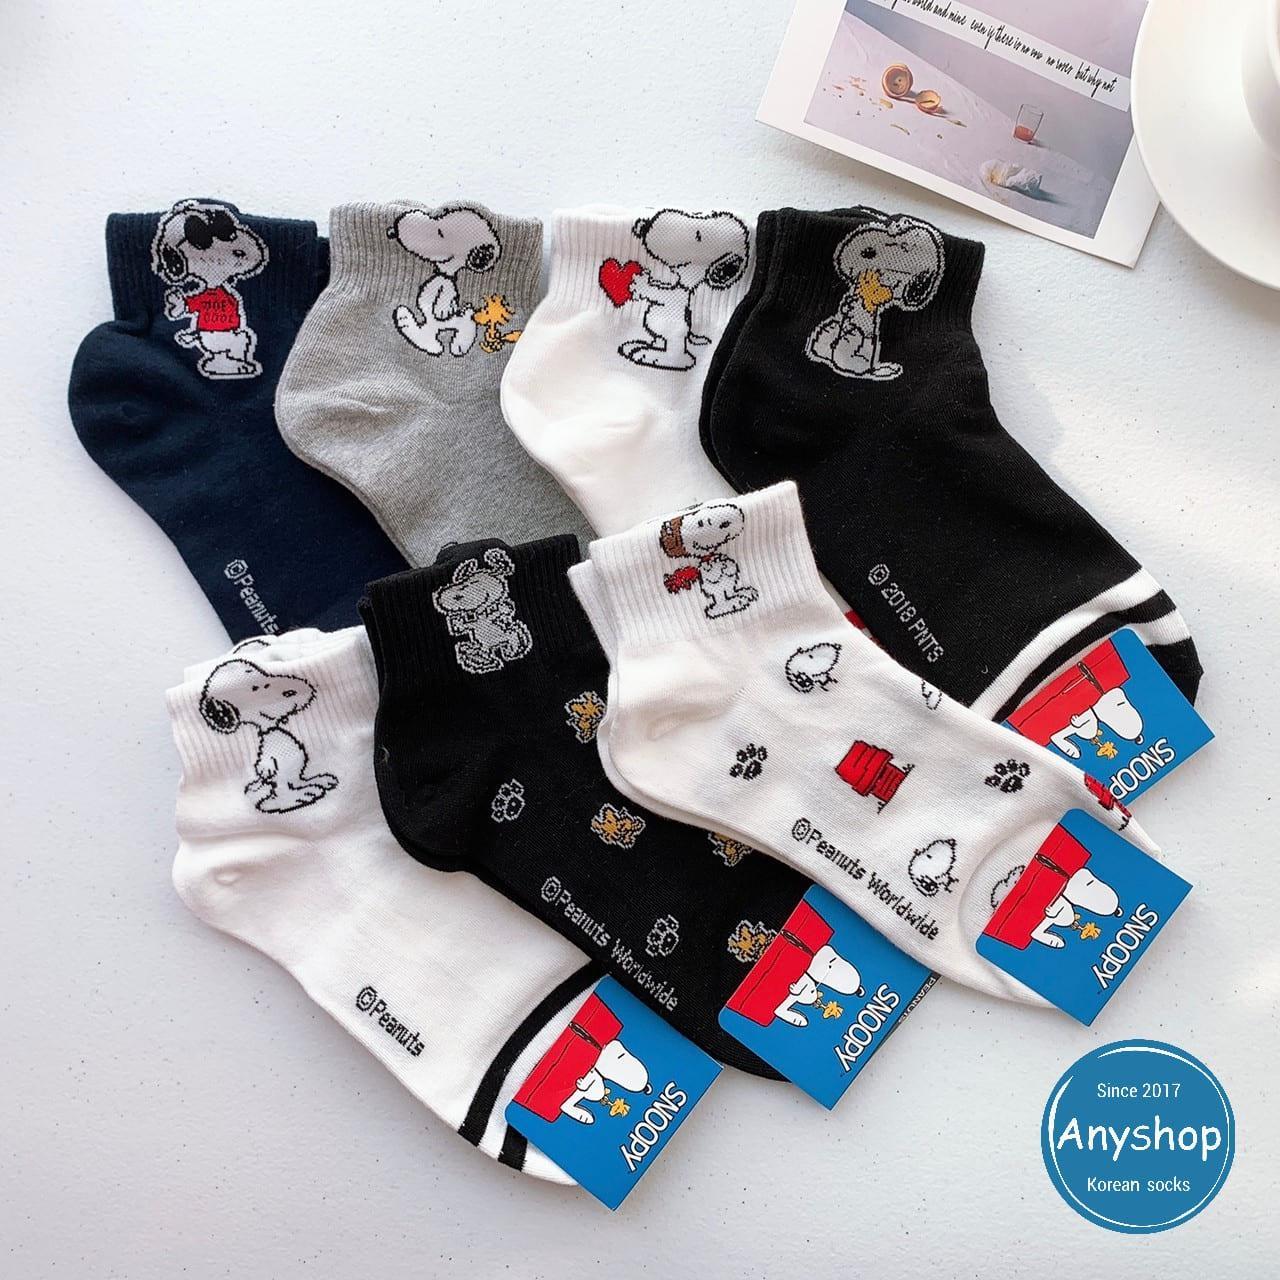 韓國襪-[Anyshop]史努比與胡士托角色滿版中筒襪